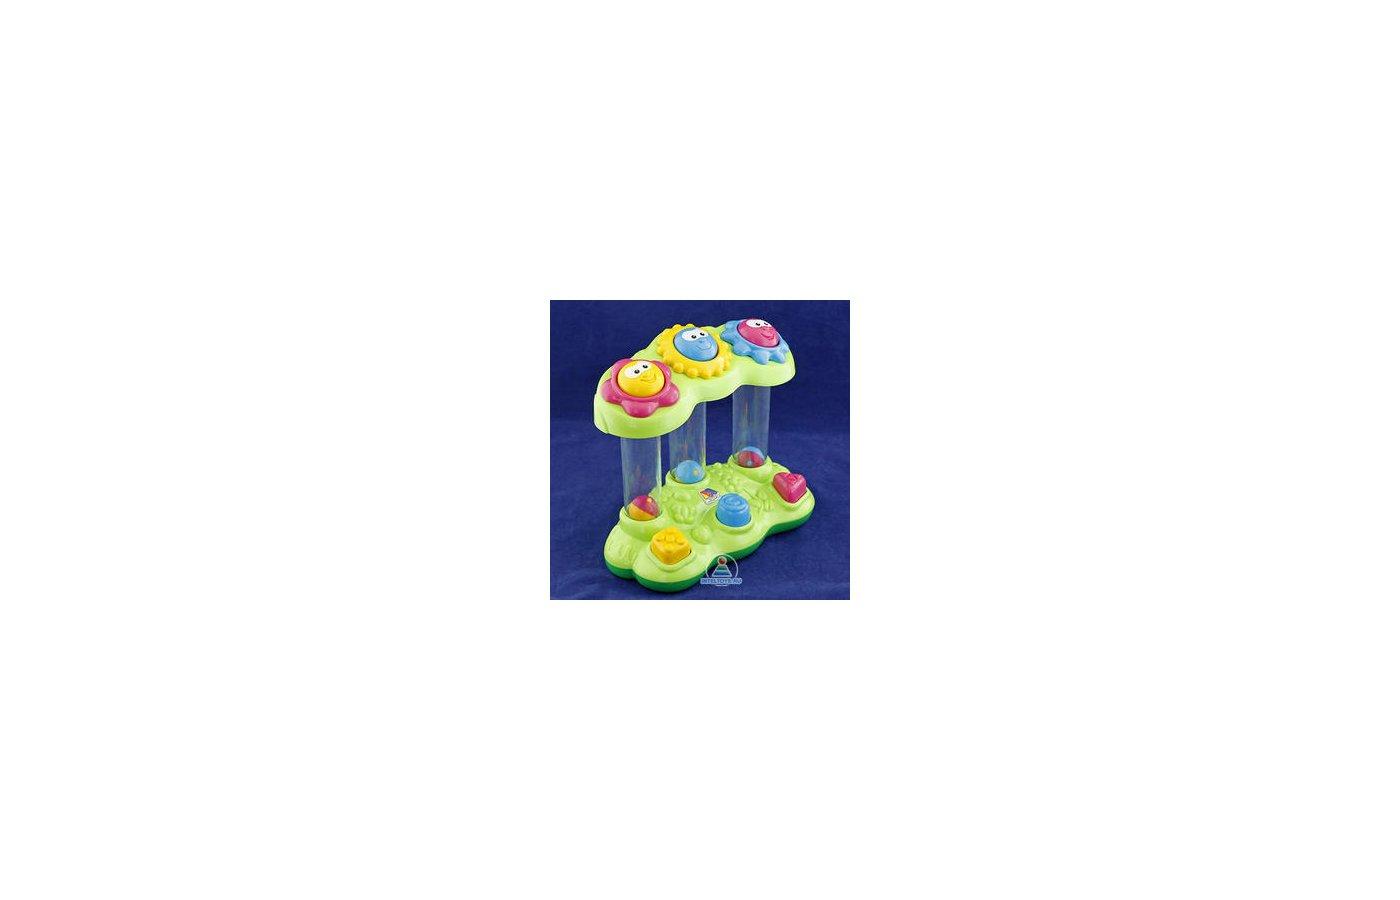 Игра Полесье 47090 Логическая игрушка Забавный сад